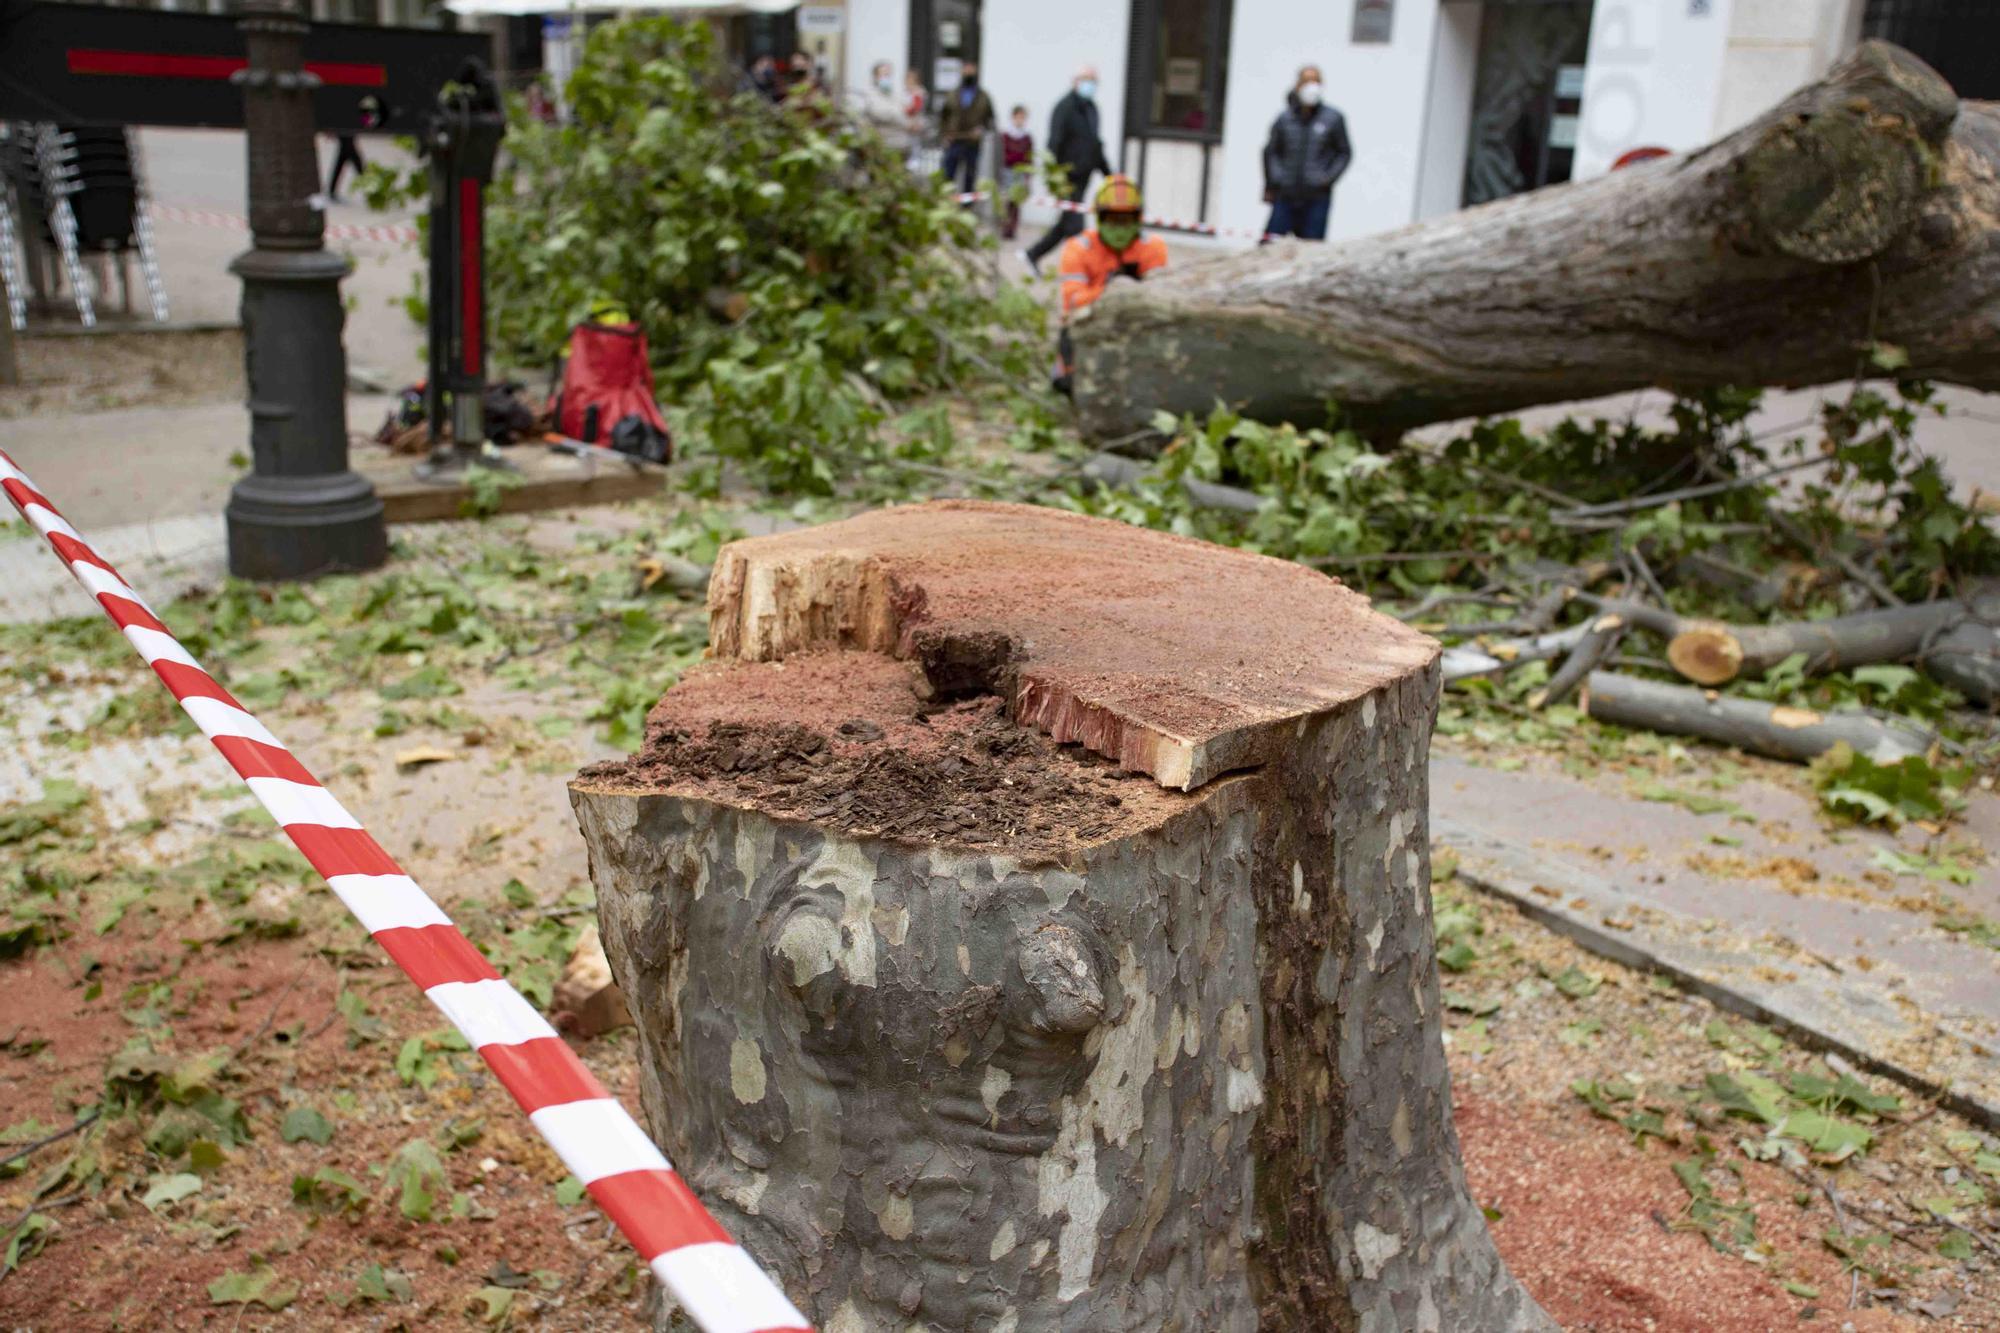 Talan cinco plataneros de grandes dimensiones en mal estado en la Albereda de Xàtiva